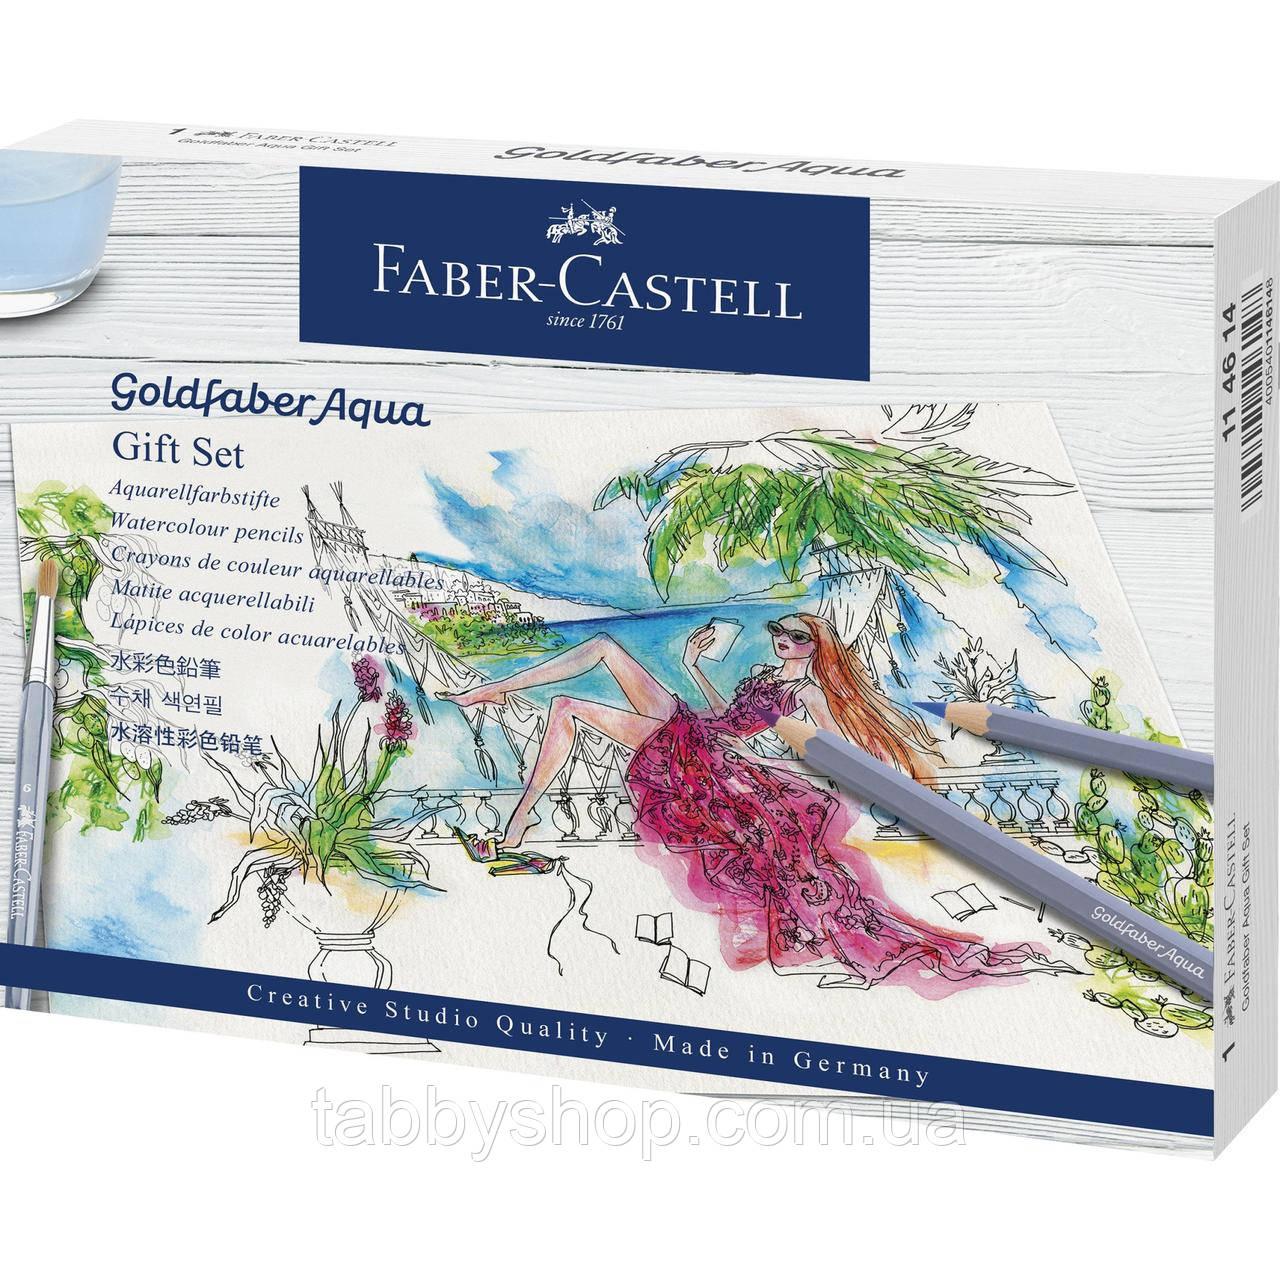 Набор для скетчей Faber Castell GOLDFABER акварельные карандаши 12 цв.+ аксессуары (114614)